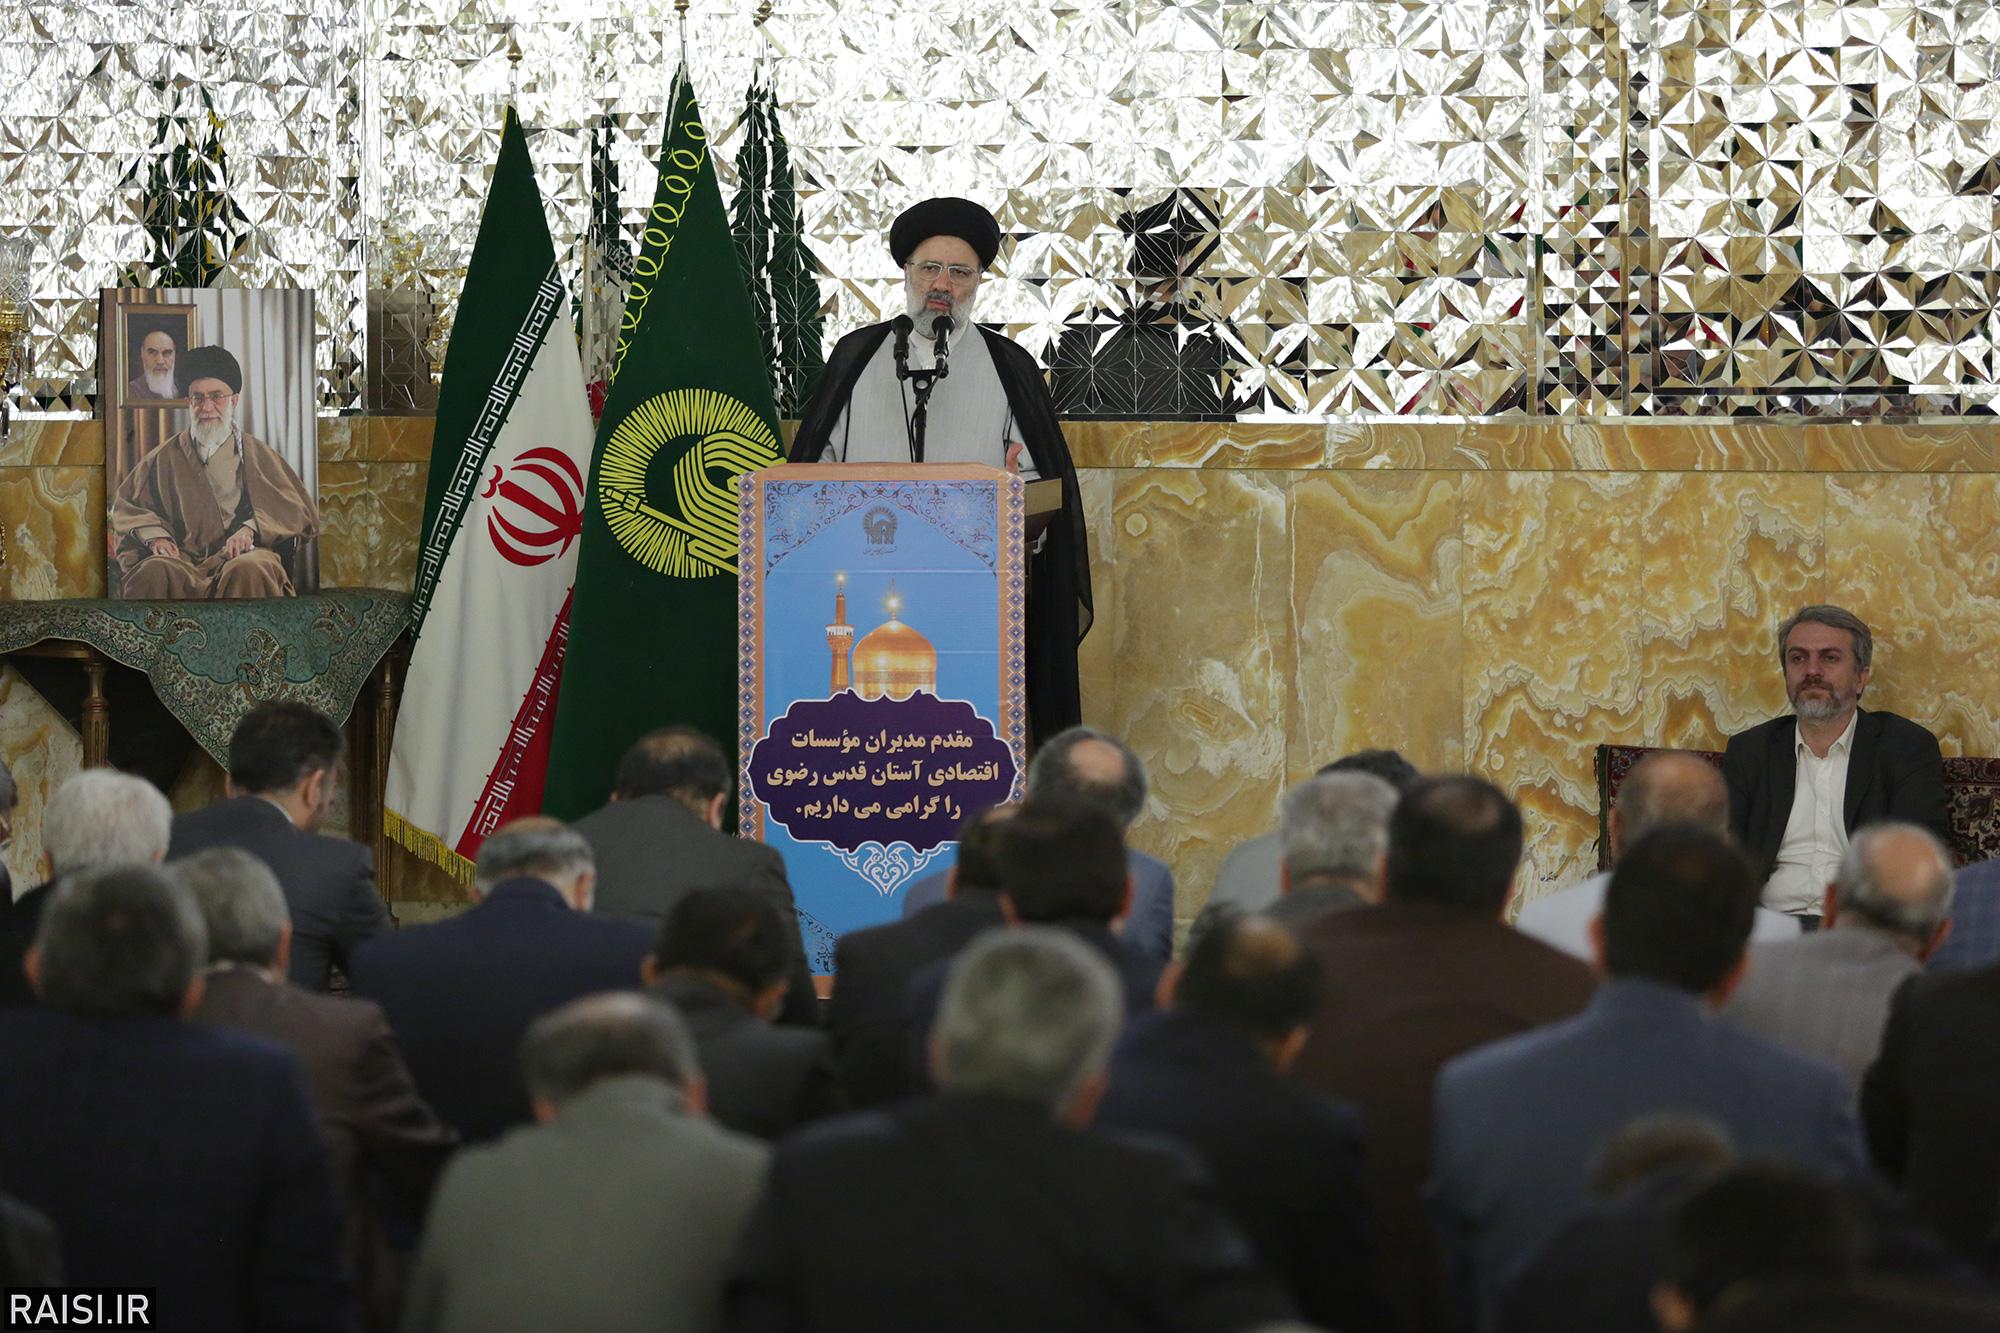 دیدار مدیران موسسات اقتصادی آستان قدس رضوی با حجت الاسلام رئیسی